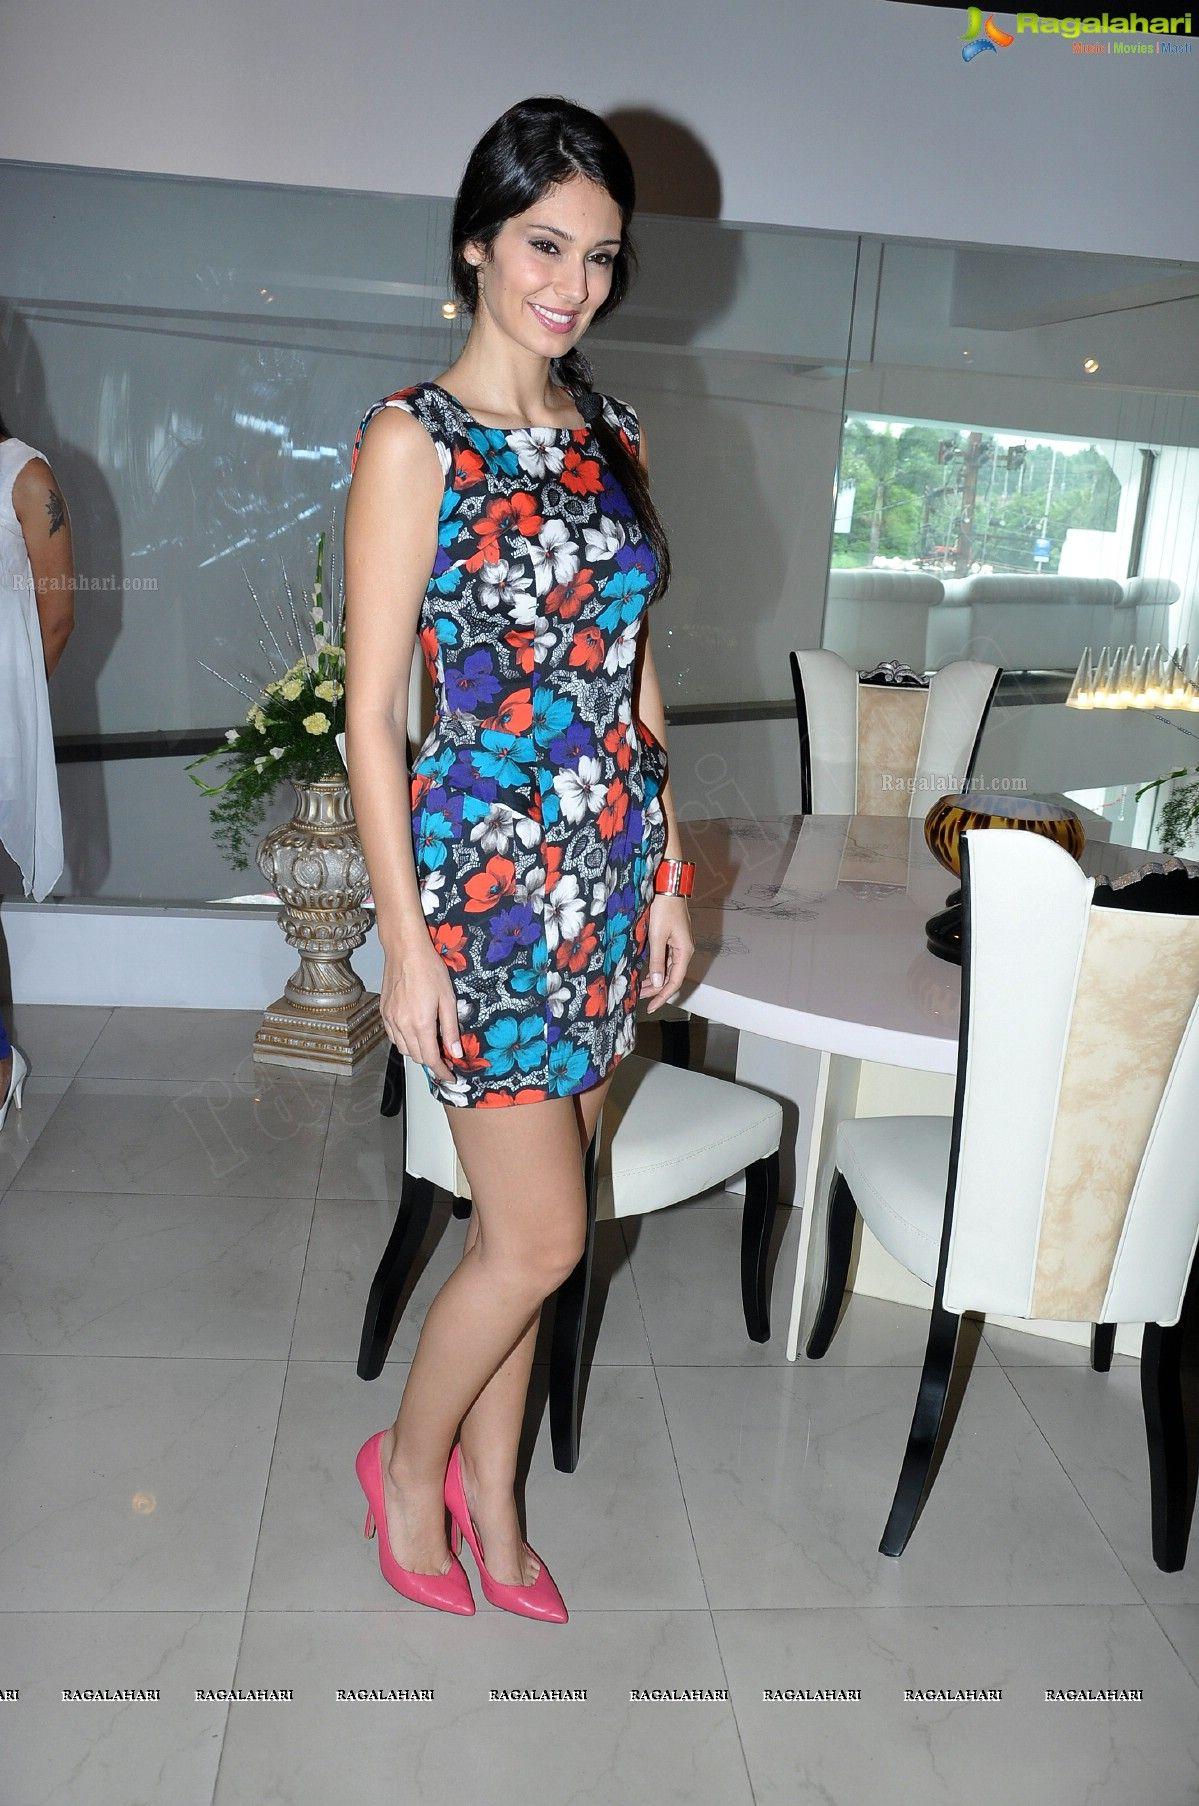 Bruna abdullah hot back bruna abdullah in short dress bruna abdullah - Indain Brazilian Model Bruna Abdullah 3 Jpg 1199